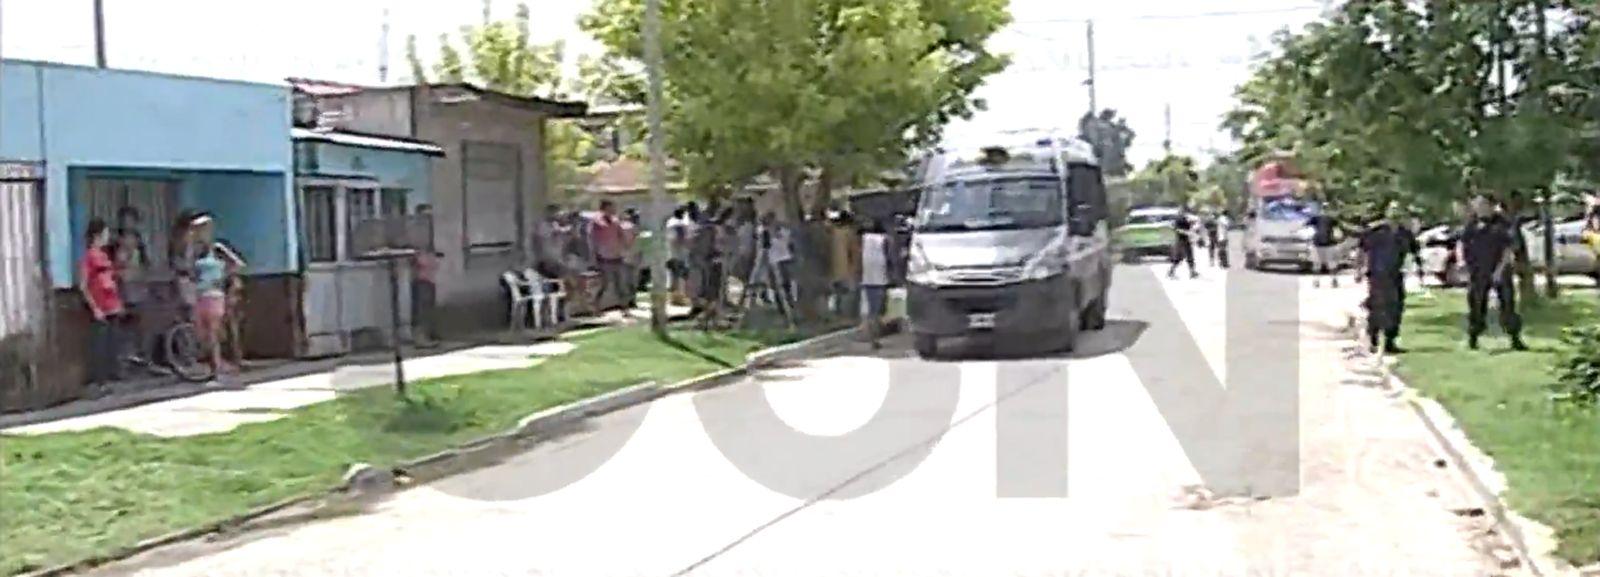 Incidentes entre la policía y los vecinos en Lomas de Zamora